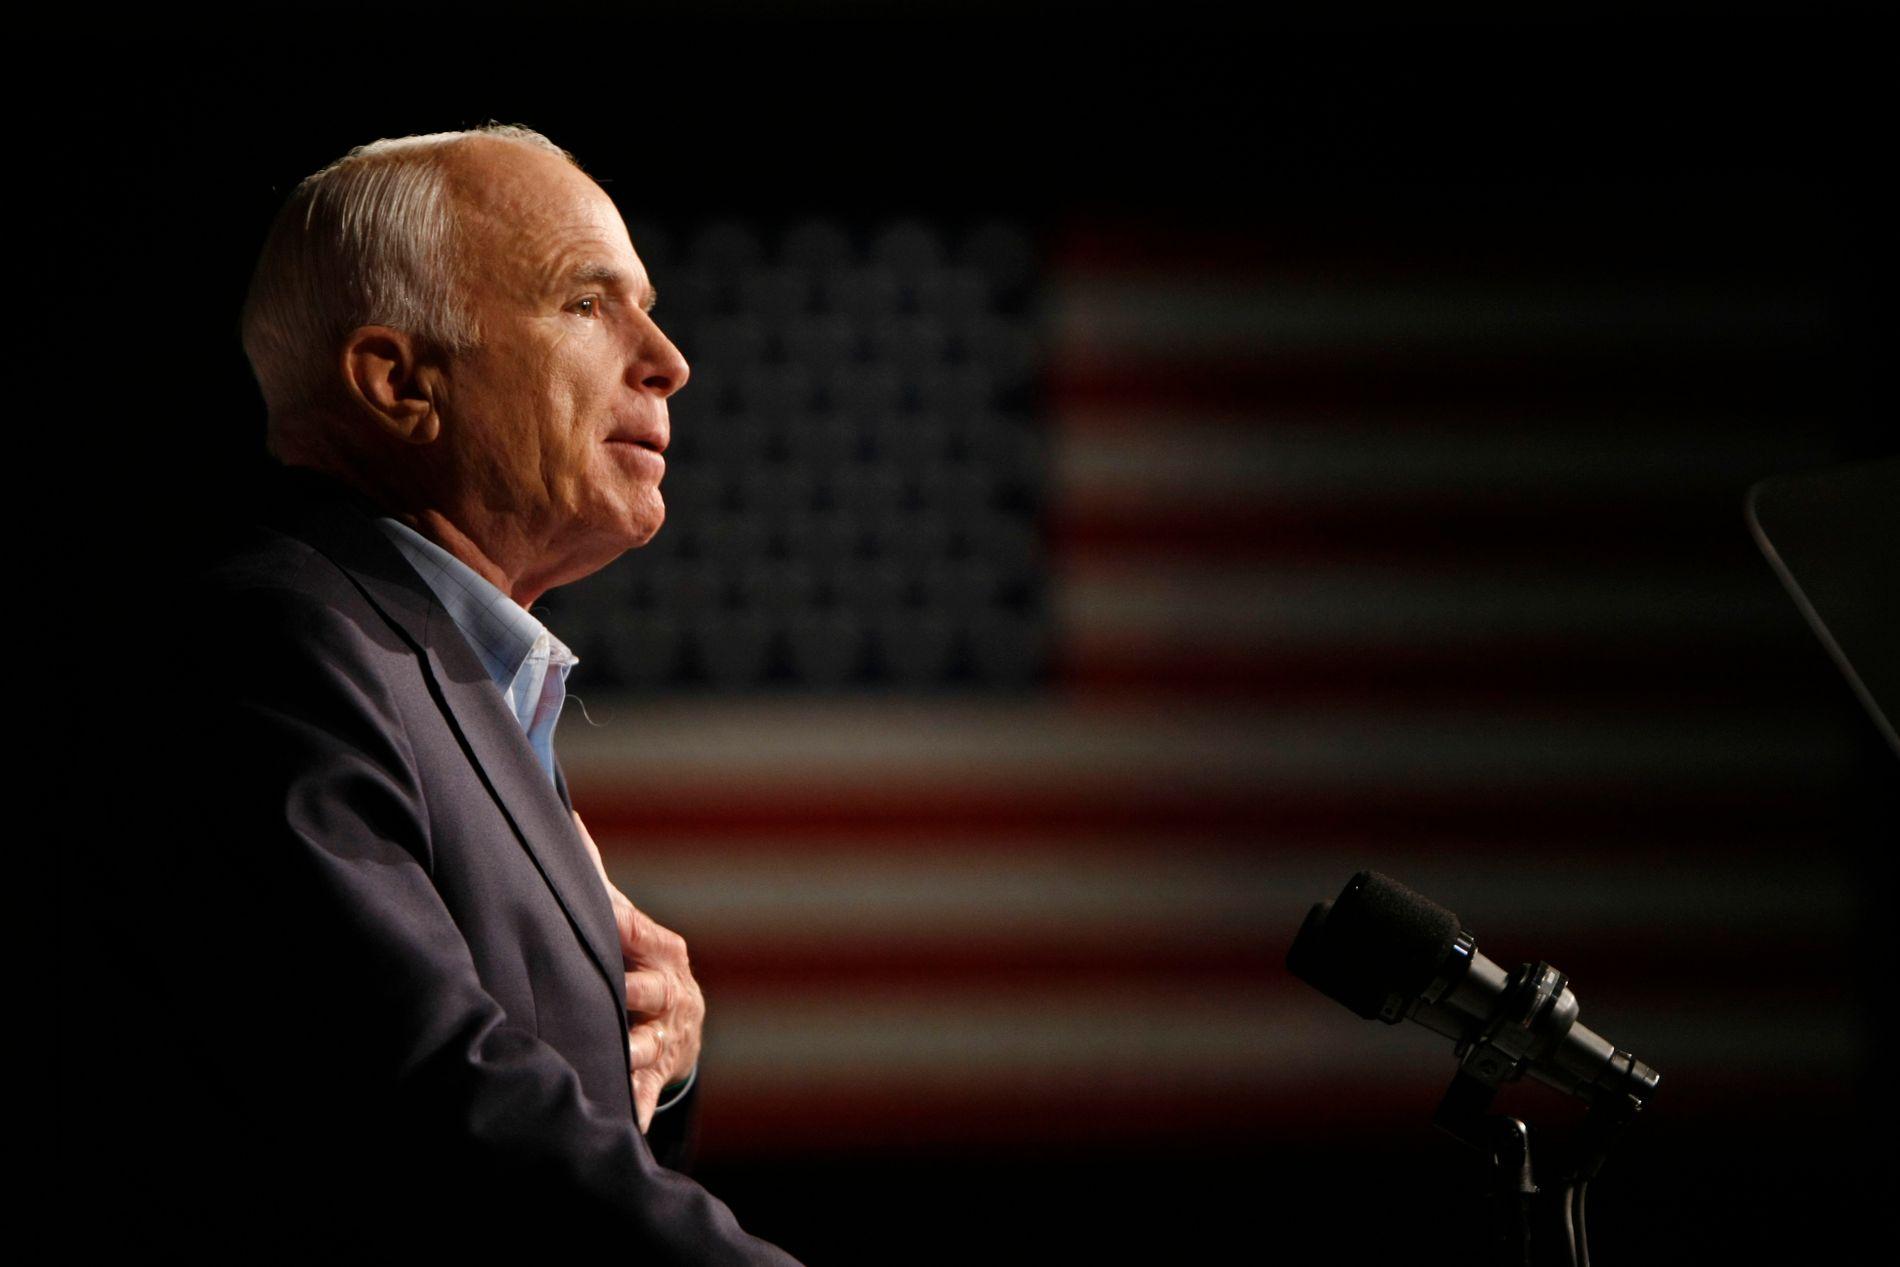 KRIGSHELT: Den avdøde amerikanske senatoren og krigshelten John McCain skal begraves neste søndag.